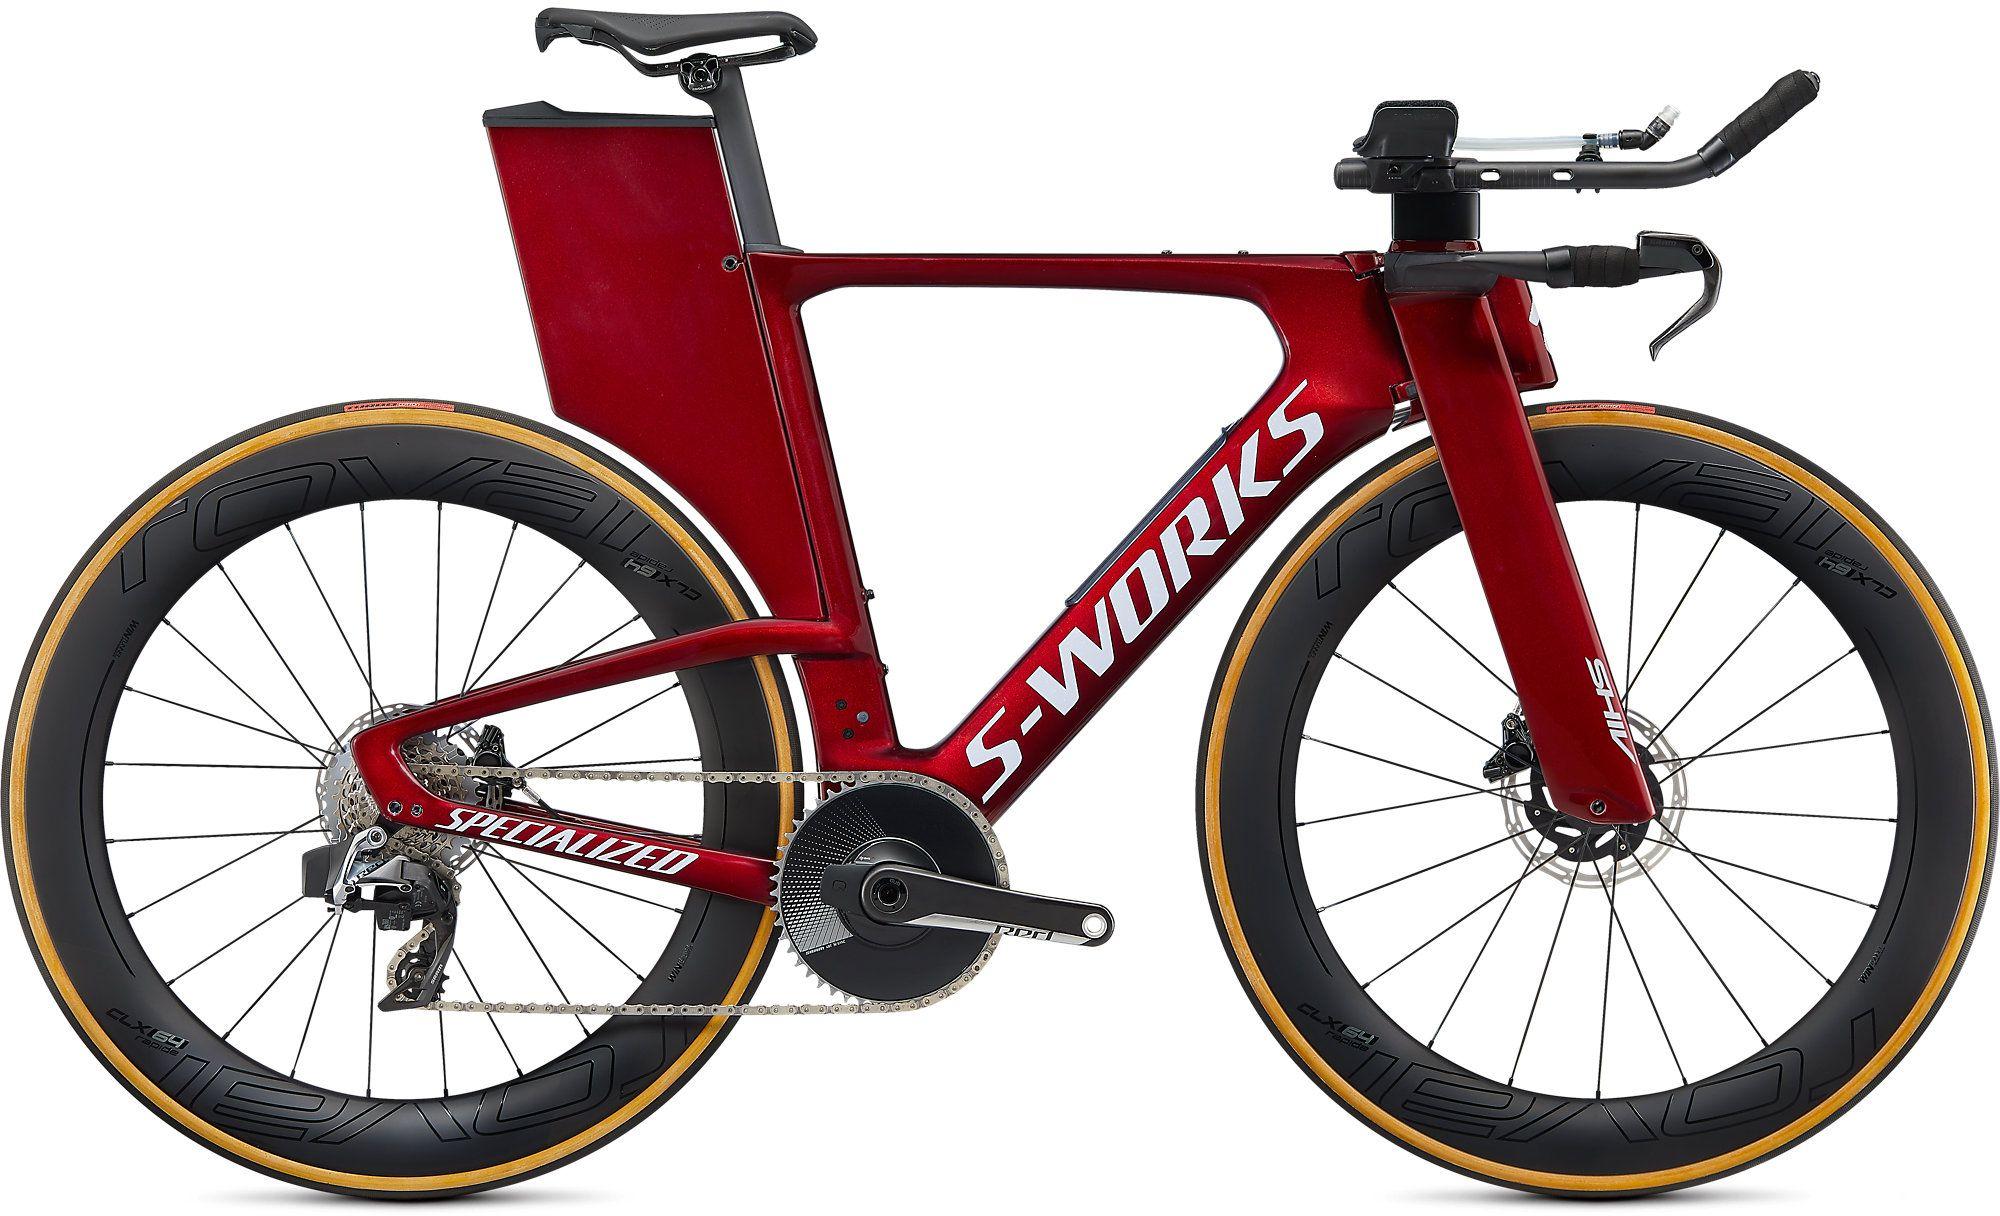 Specialized S-works Shiv Disc Sram Red Etap Axs Tri Bike 2020 | Racercykler